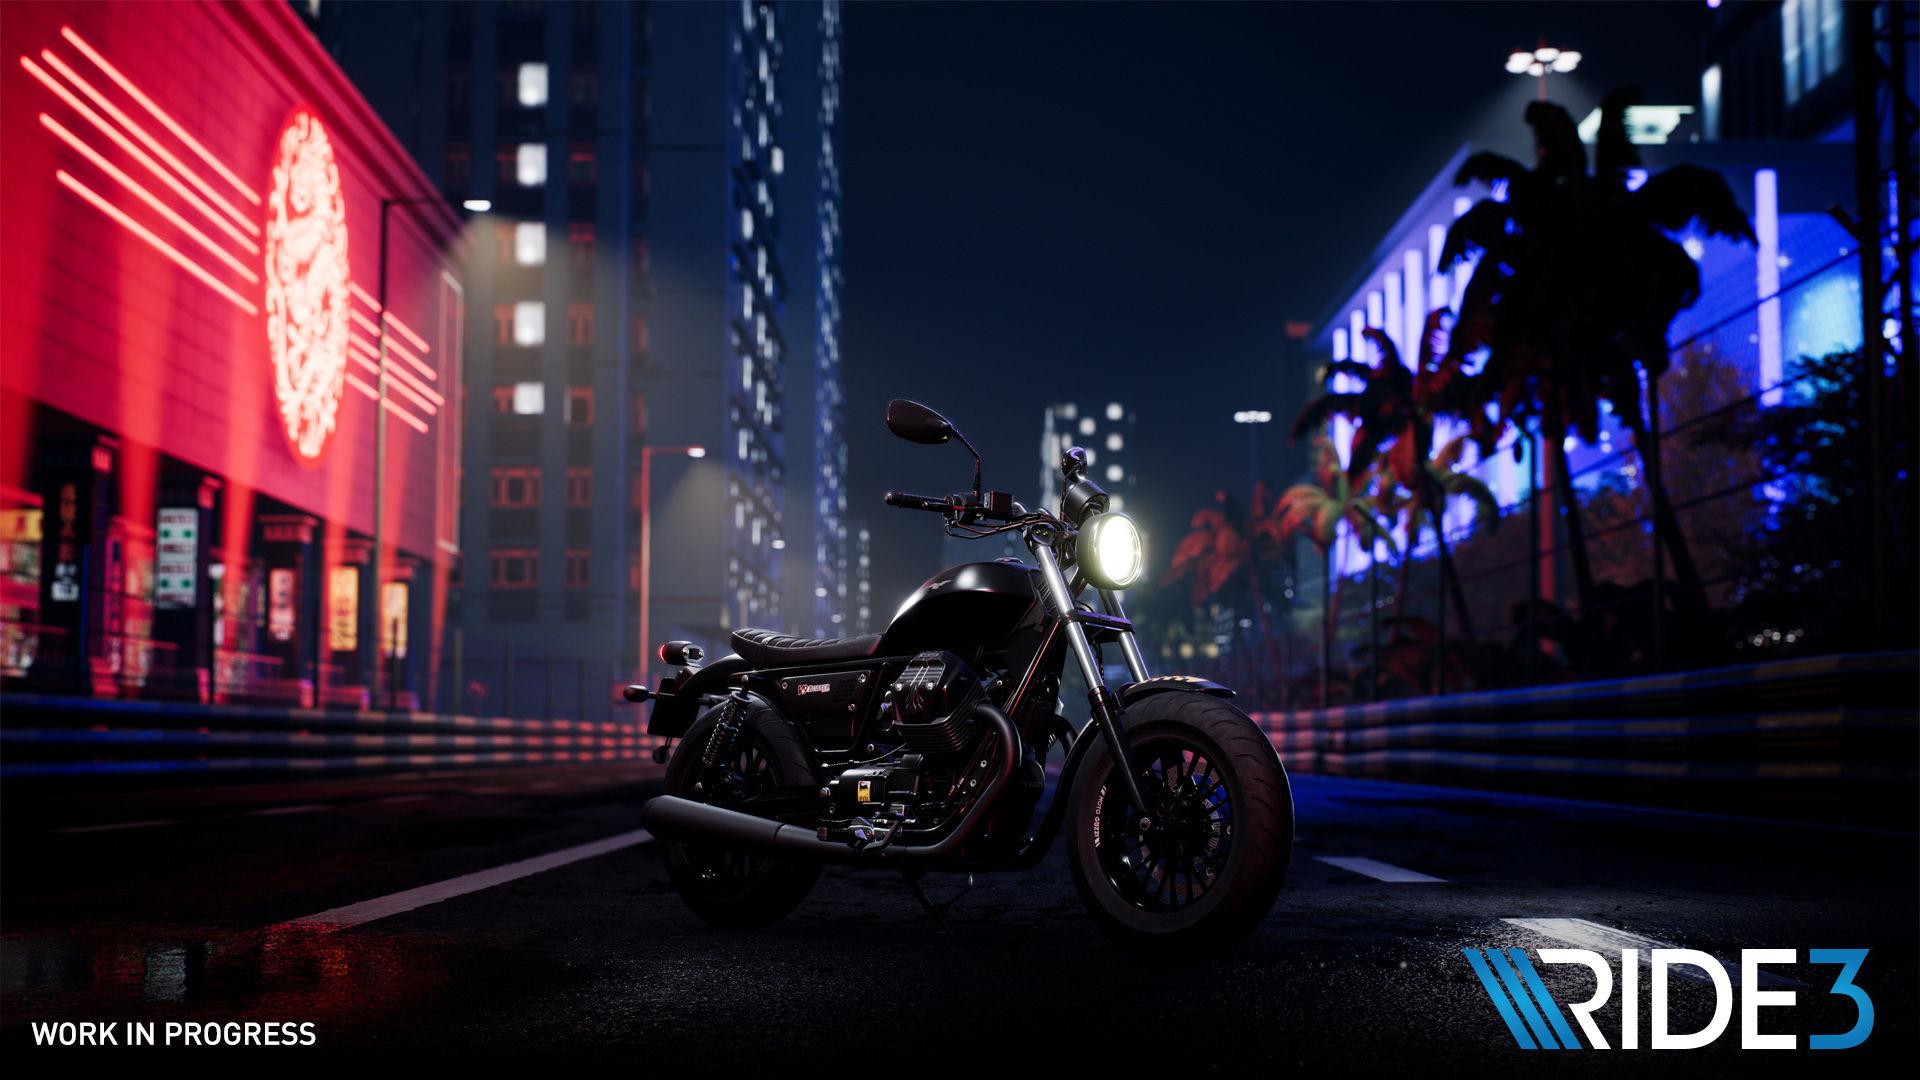 RIDE 3 oyunu  tanıtım videosuyla resmi olarak duyuruldu